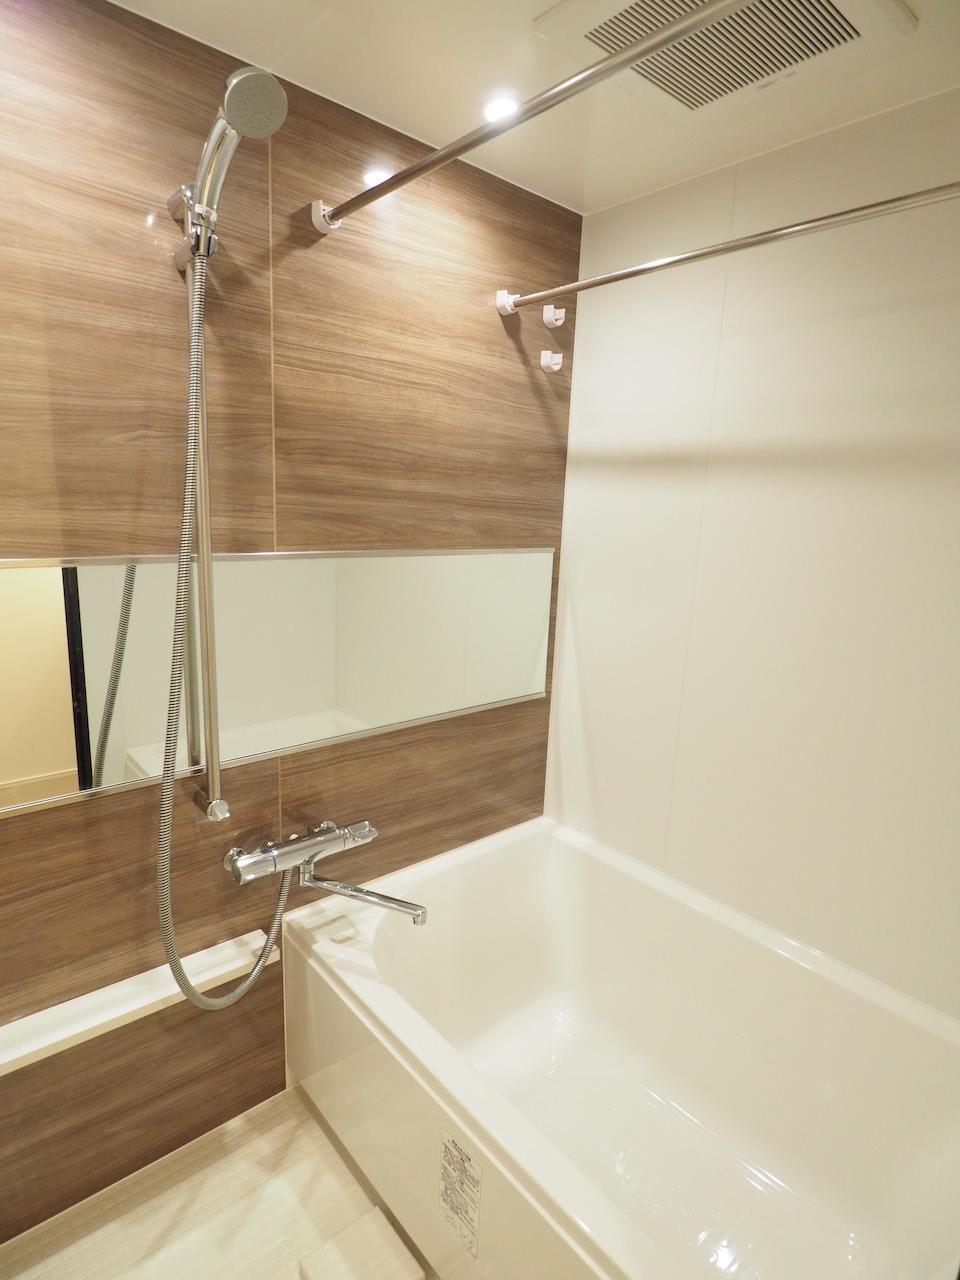 お風呂場は広めの仕様。